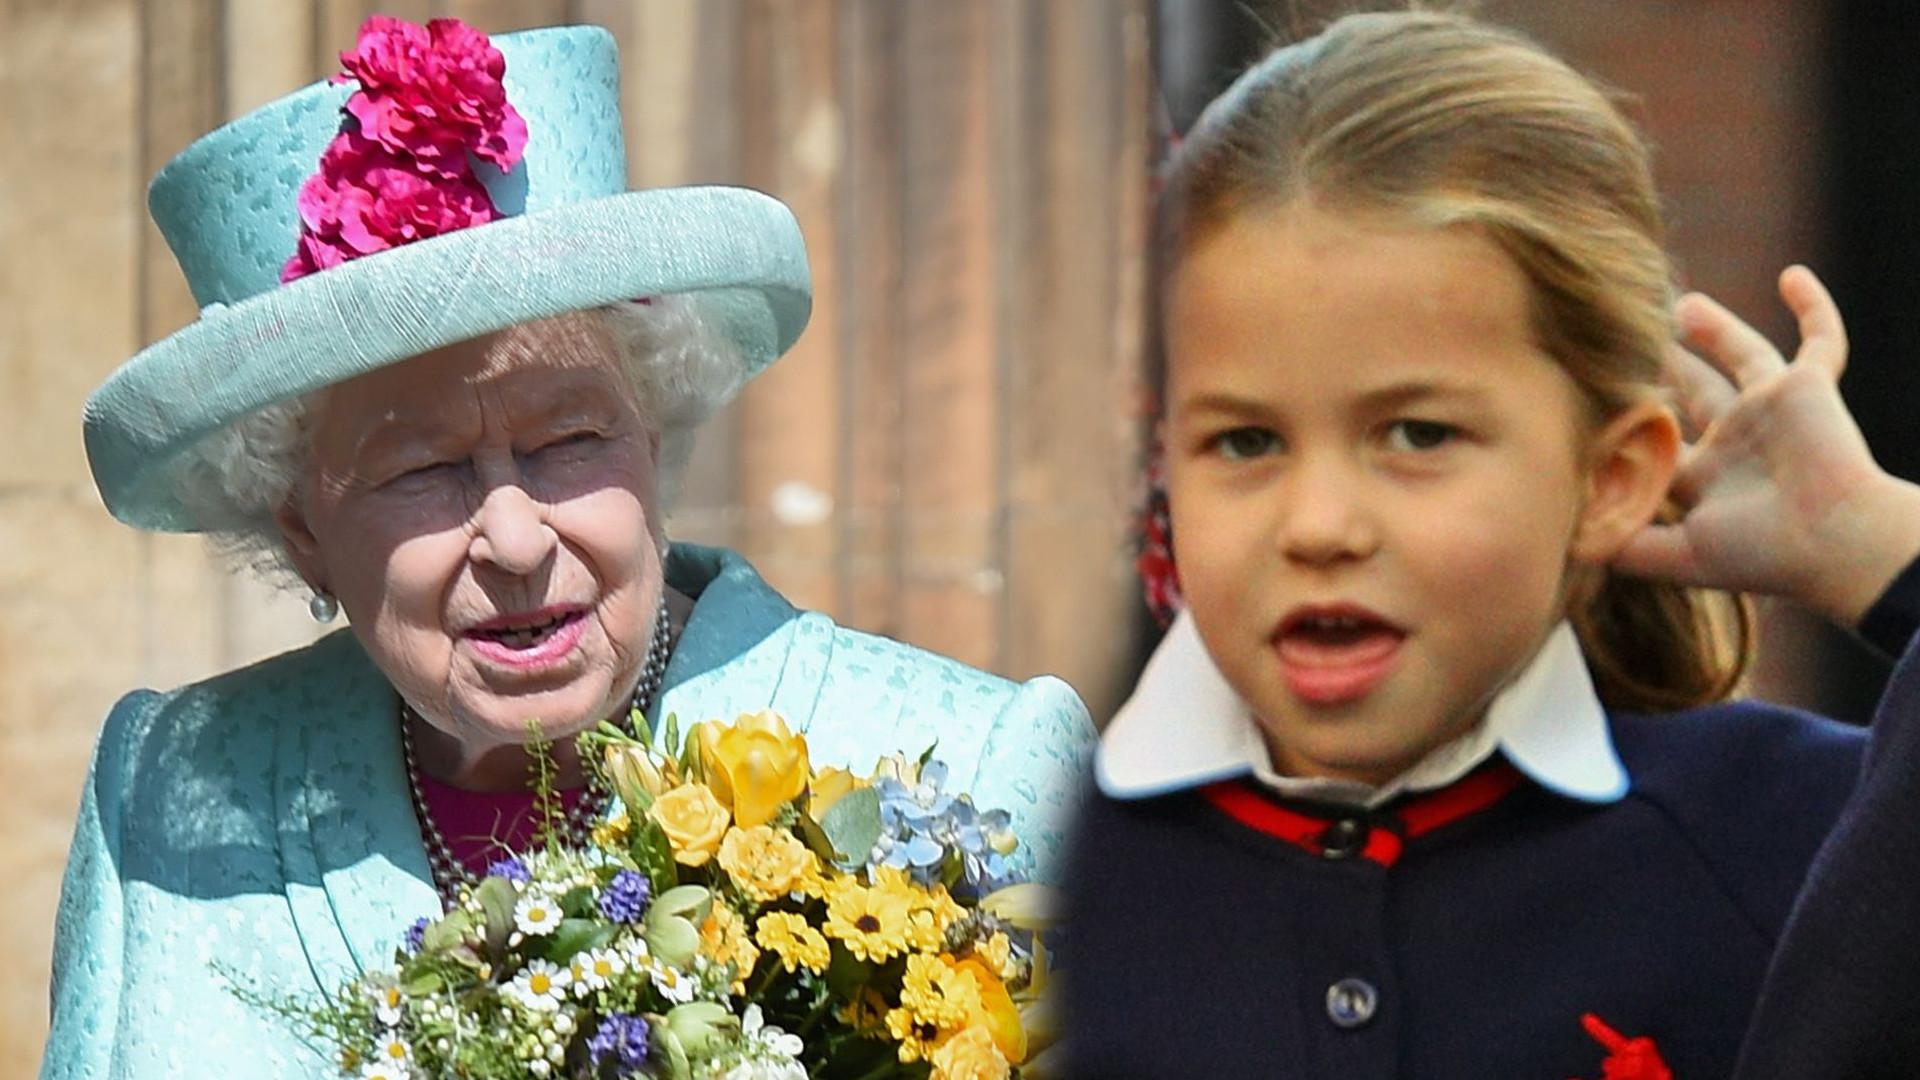 Wyszły na jaw zdjęcia królowej Elżbiety i księcia Karola, gdy byli młodzi. Księżniczka Charlotte jest tak podobna do prababci!